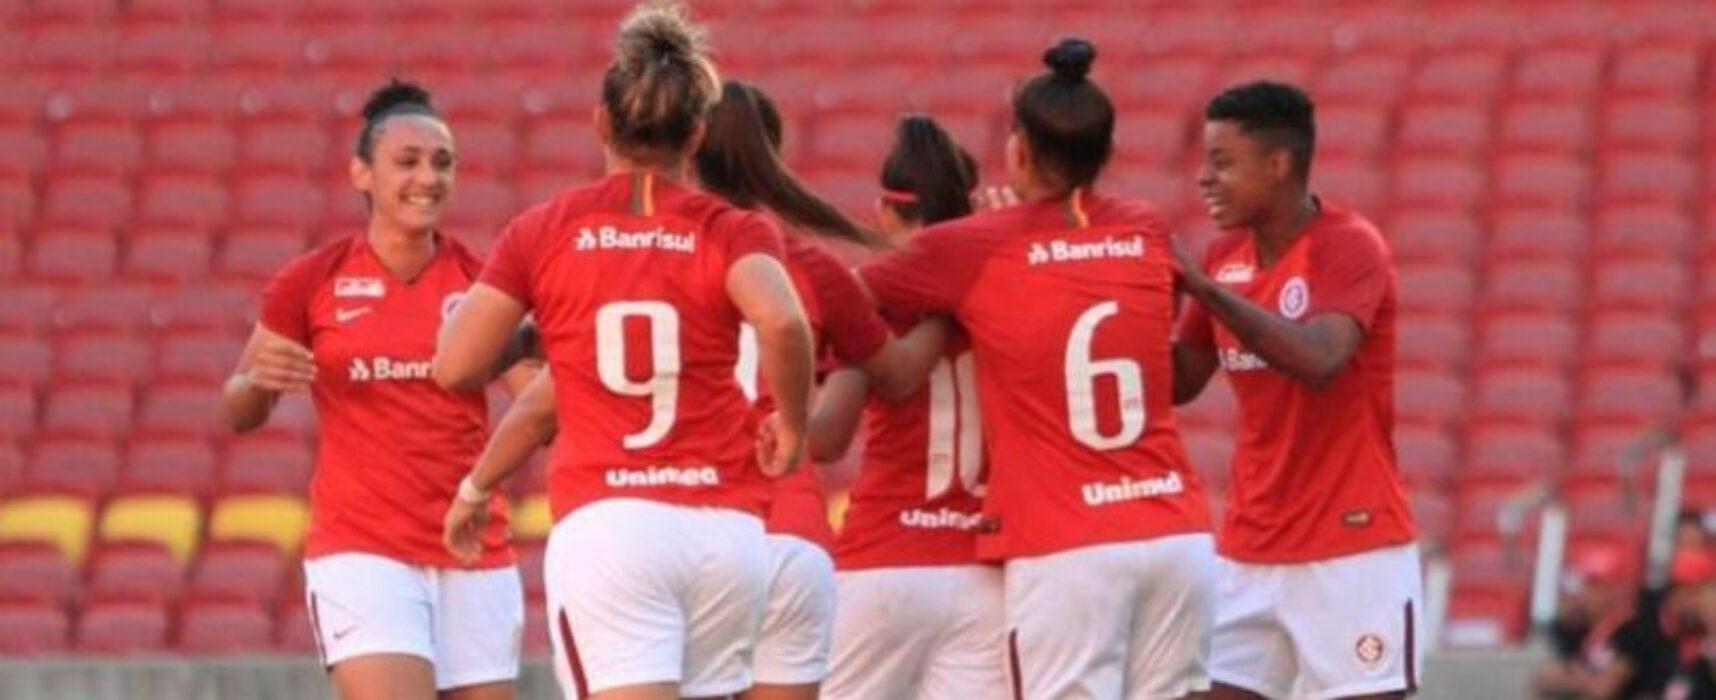 Tudo que você precisa saber sobre o Brasileiro Feminino A-1 2021